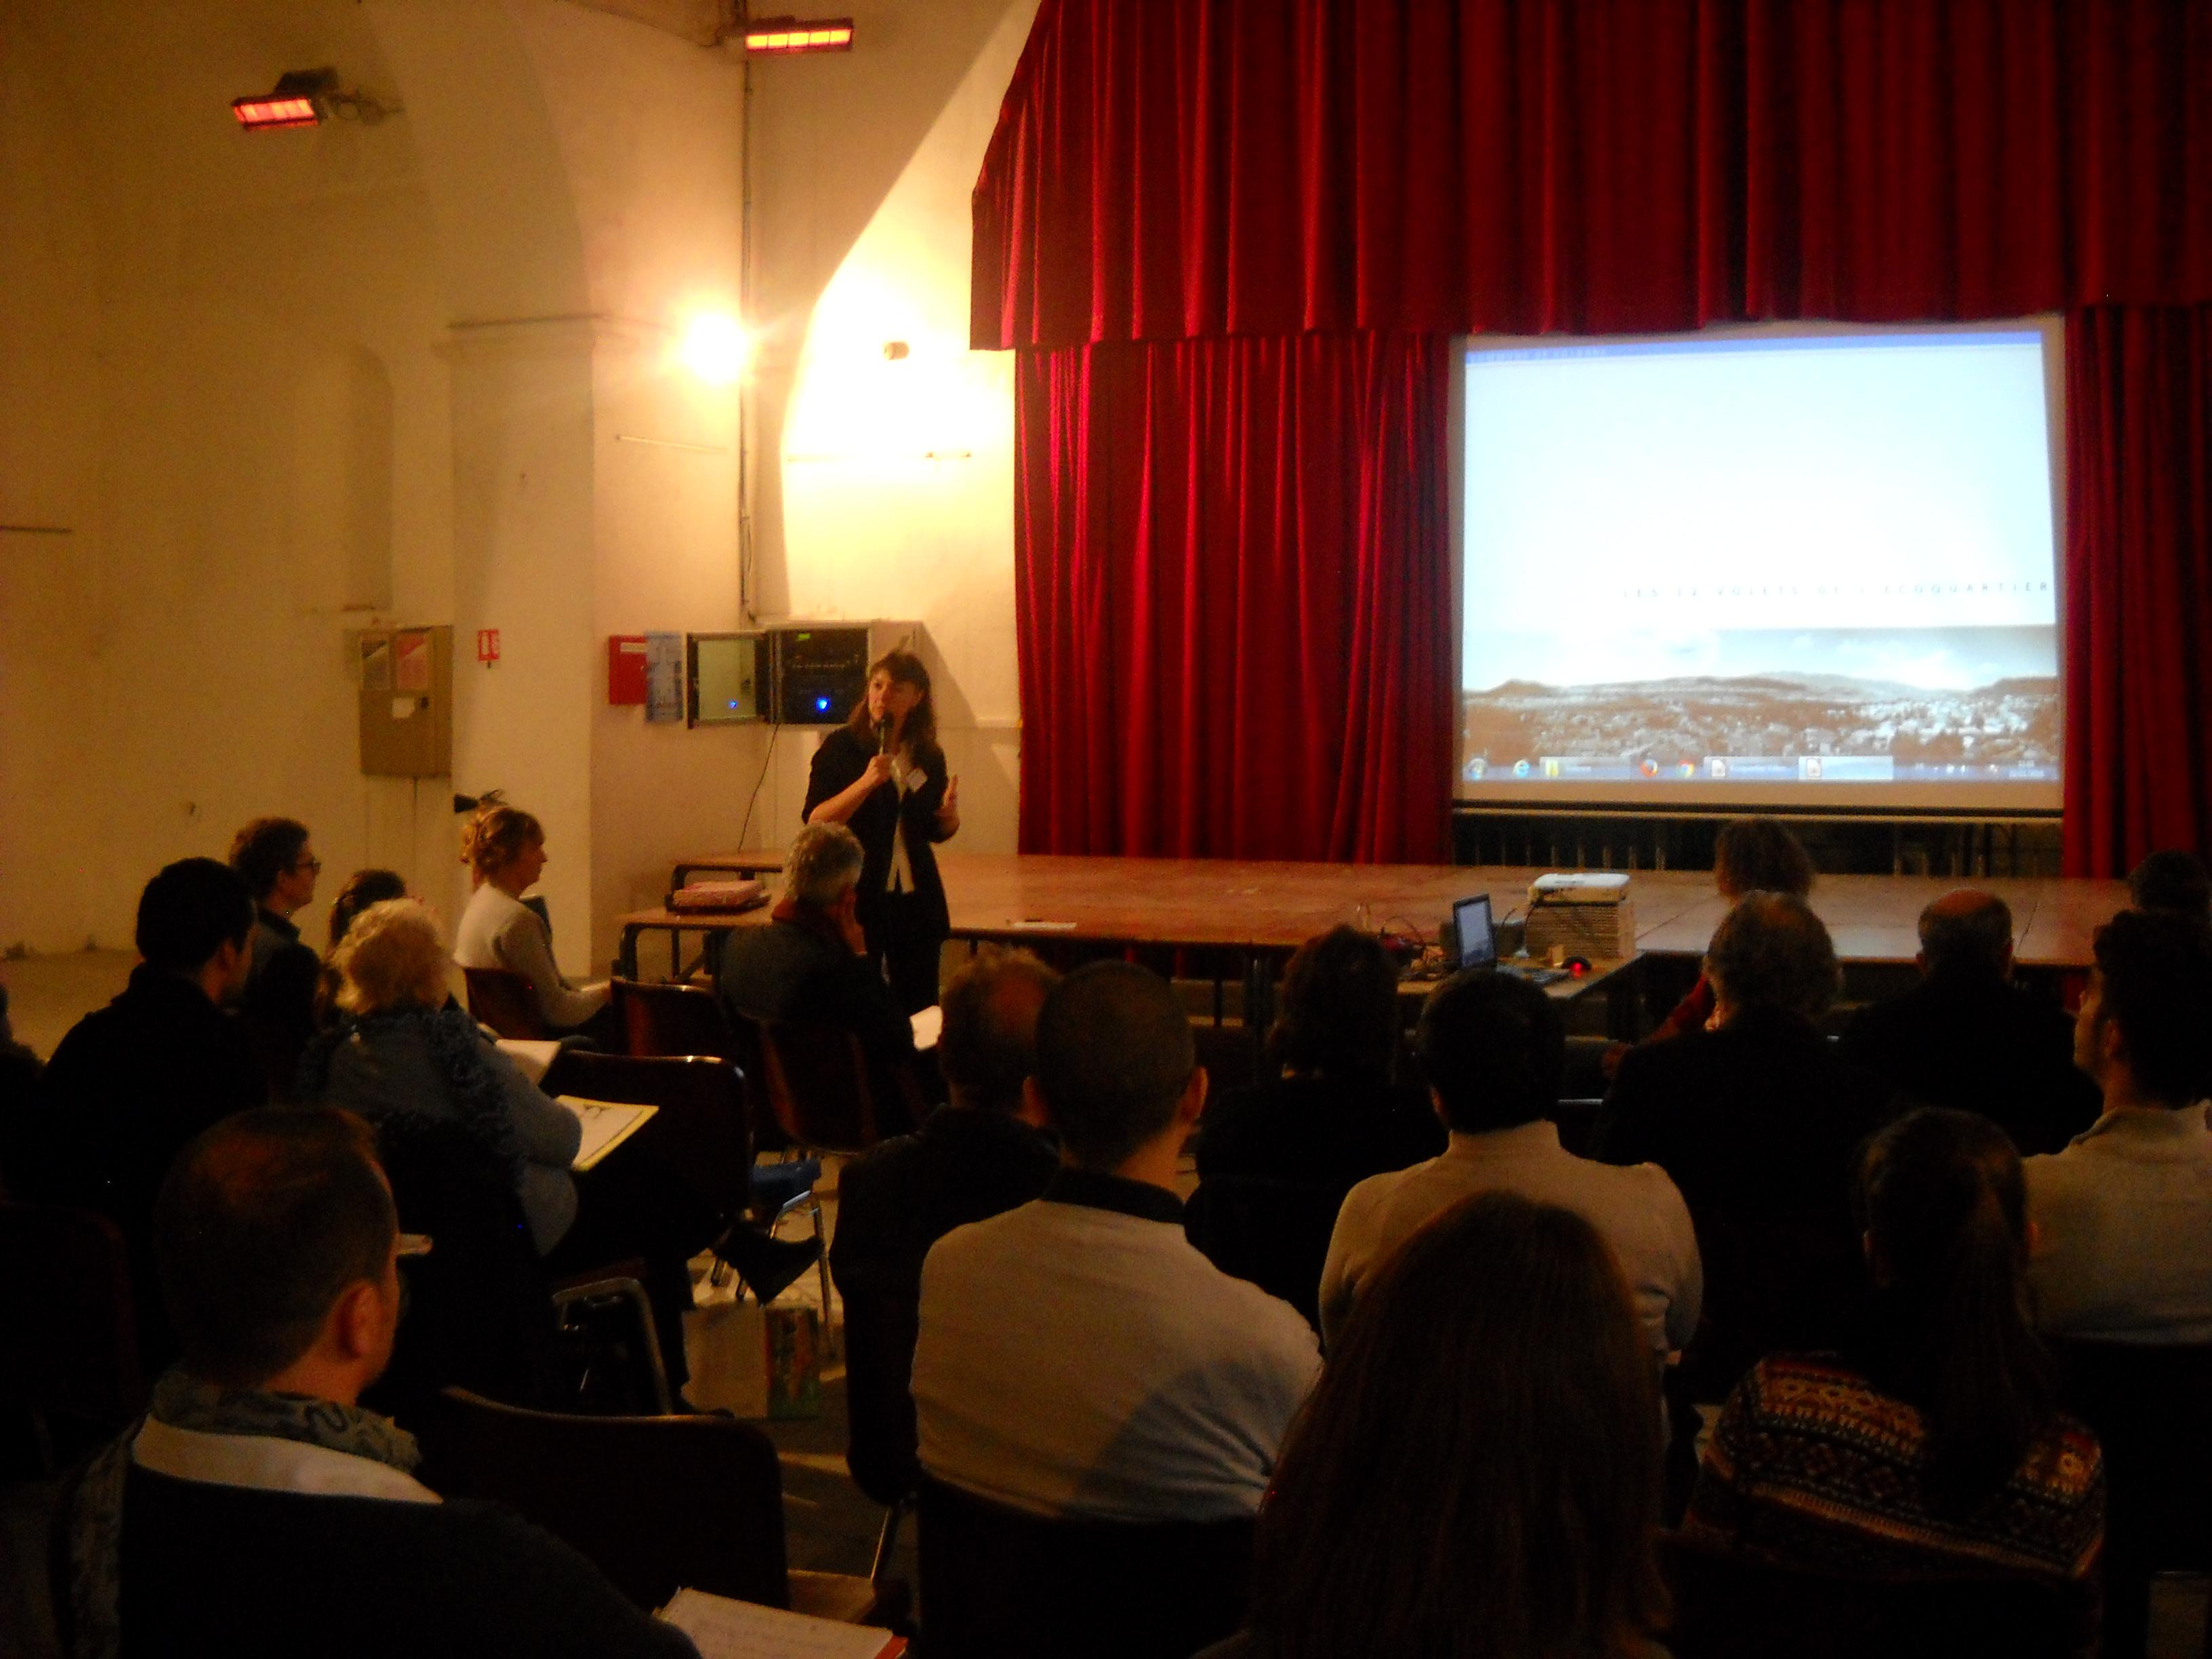 Nourrissant un beau projet, Volonne a accueilli le Club régional Eco-quartier